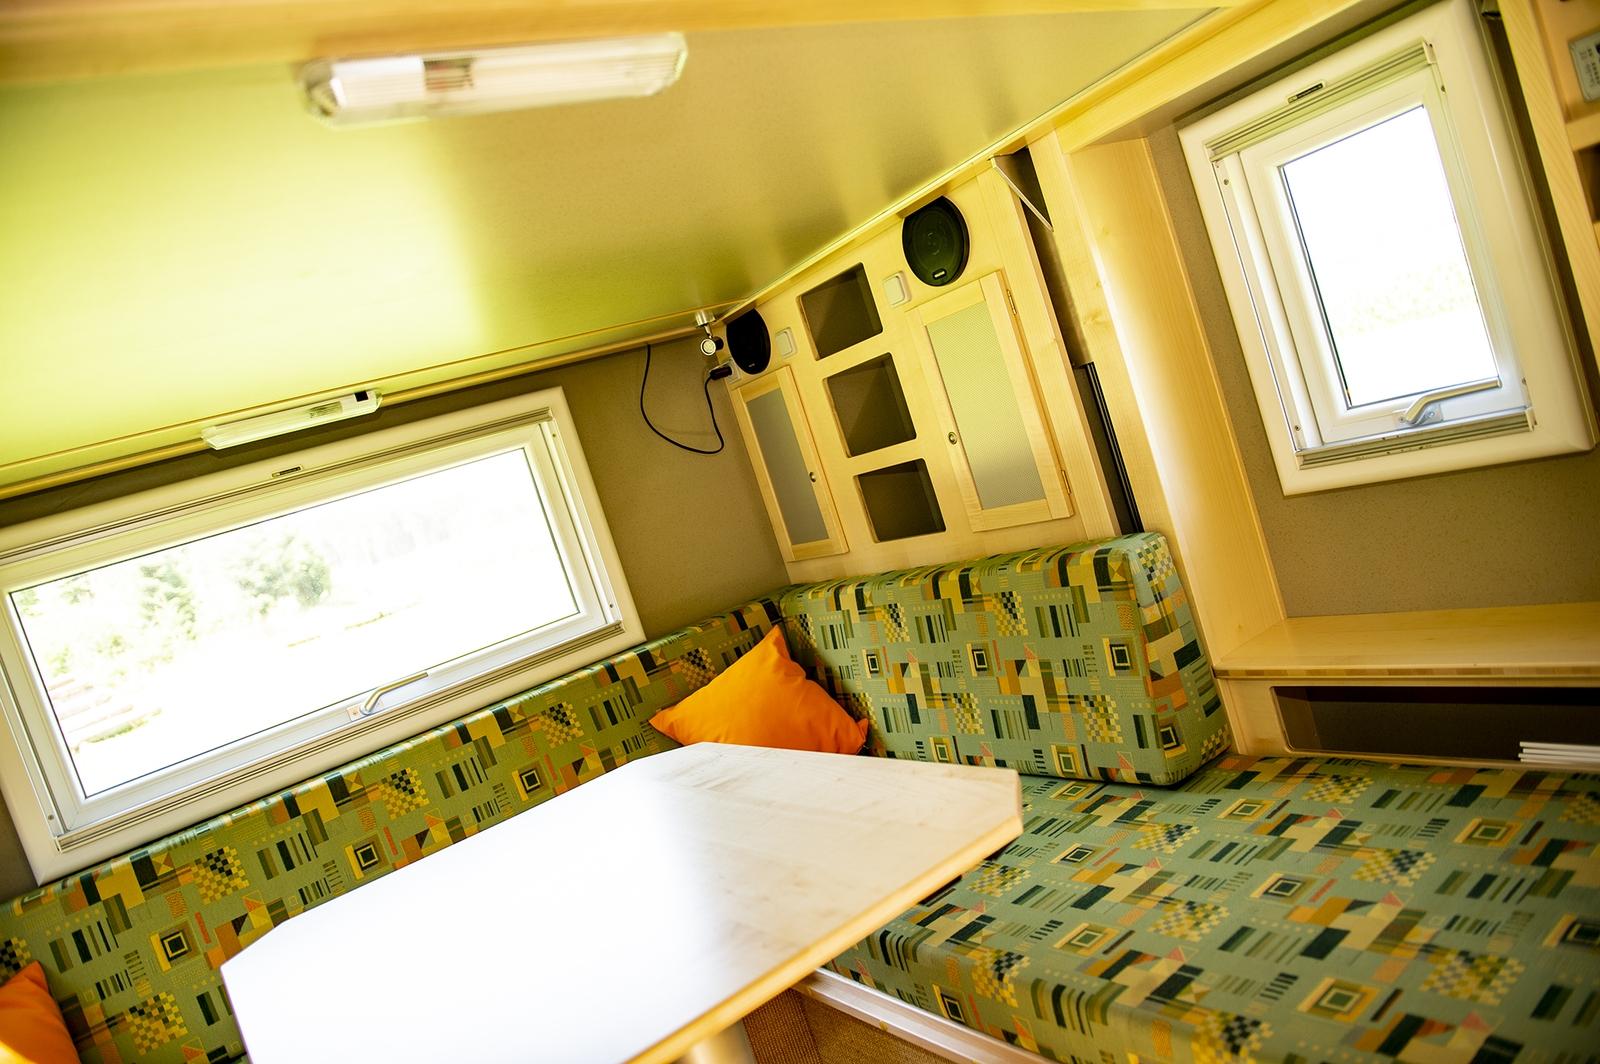 Die Bimobil-Kabine EX 435 verfügt über eine großzügige Sitzecke und jede Menge Stauraum. Neben der Sitzbank gibt es eine Extra-Fach für Bücher.